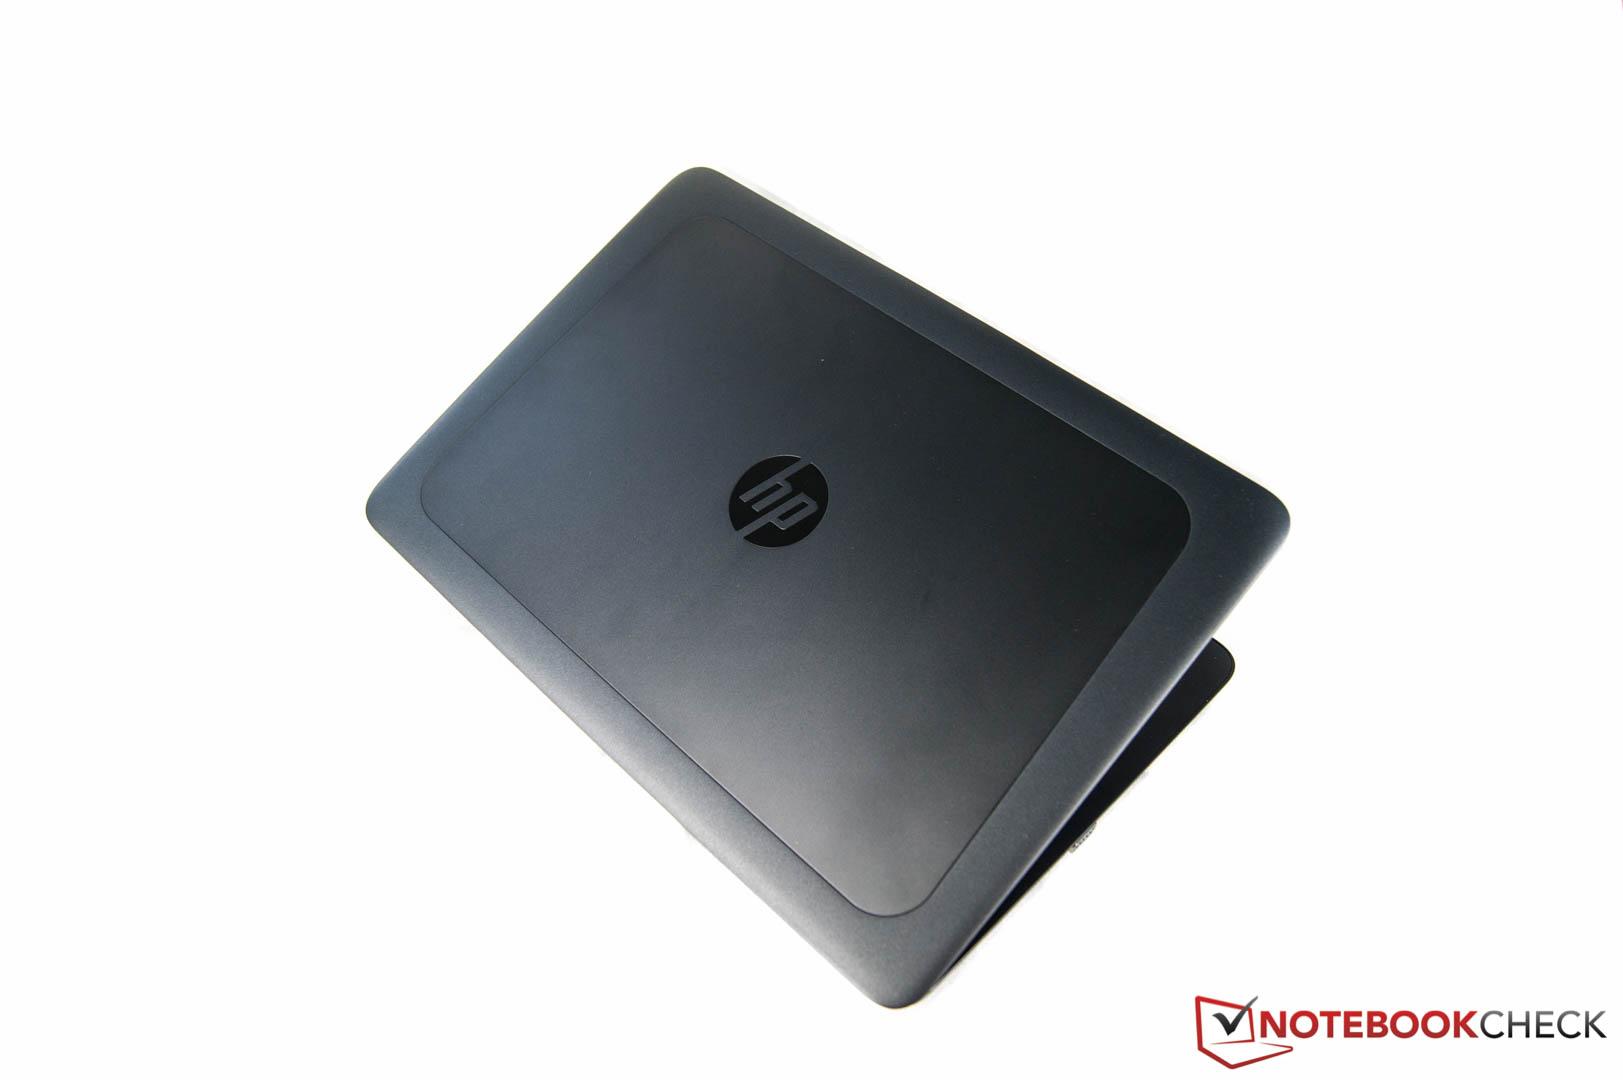 HP ZBook 14u G4 (7500U, FirePro W4190M) Workstation Review